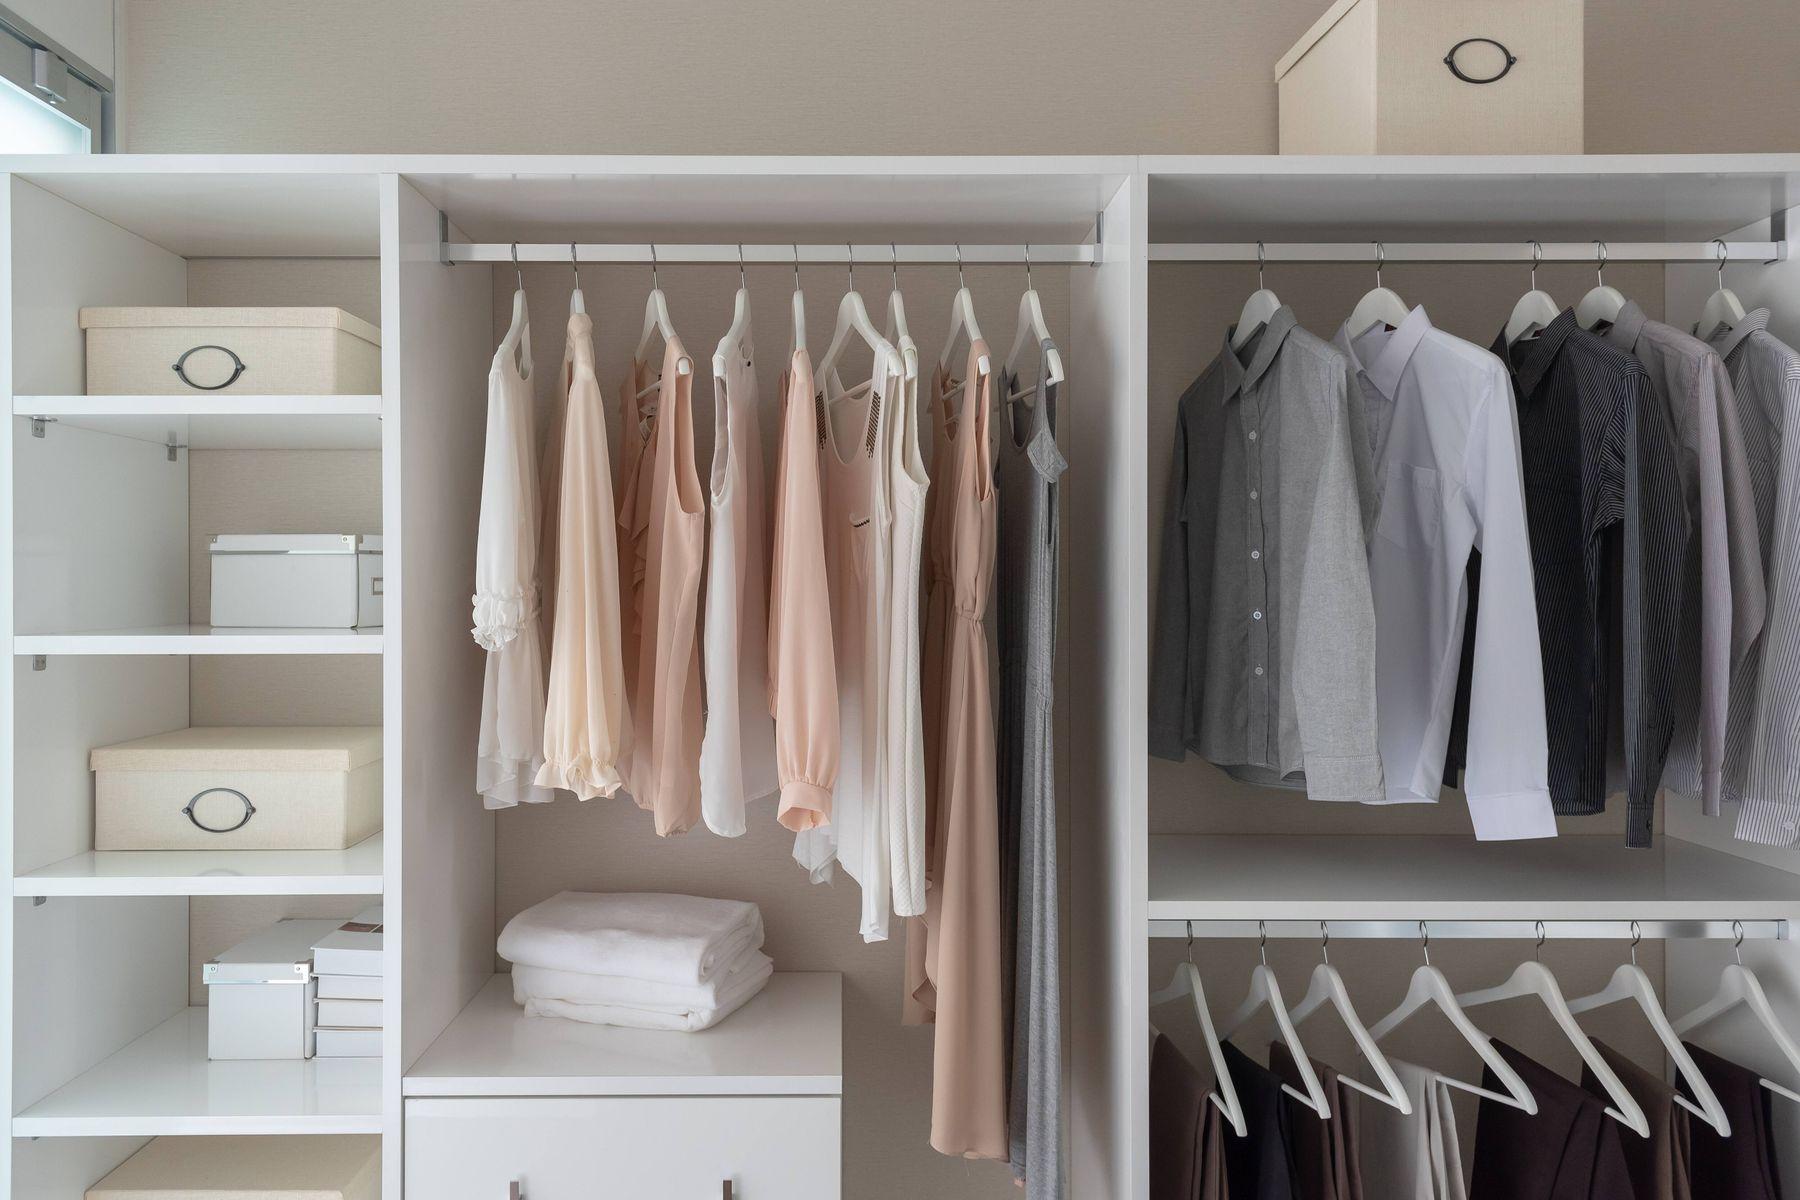 Guarda-roupa branco com três divisórias, com camisas, vestidos e calças pendurados em cabides, toalhas brancas de banho dobradas e caixas